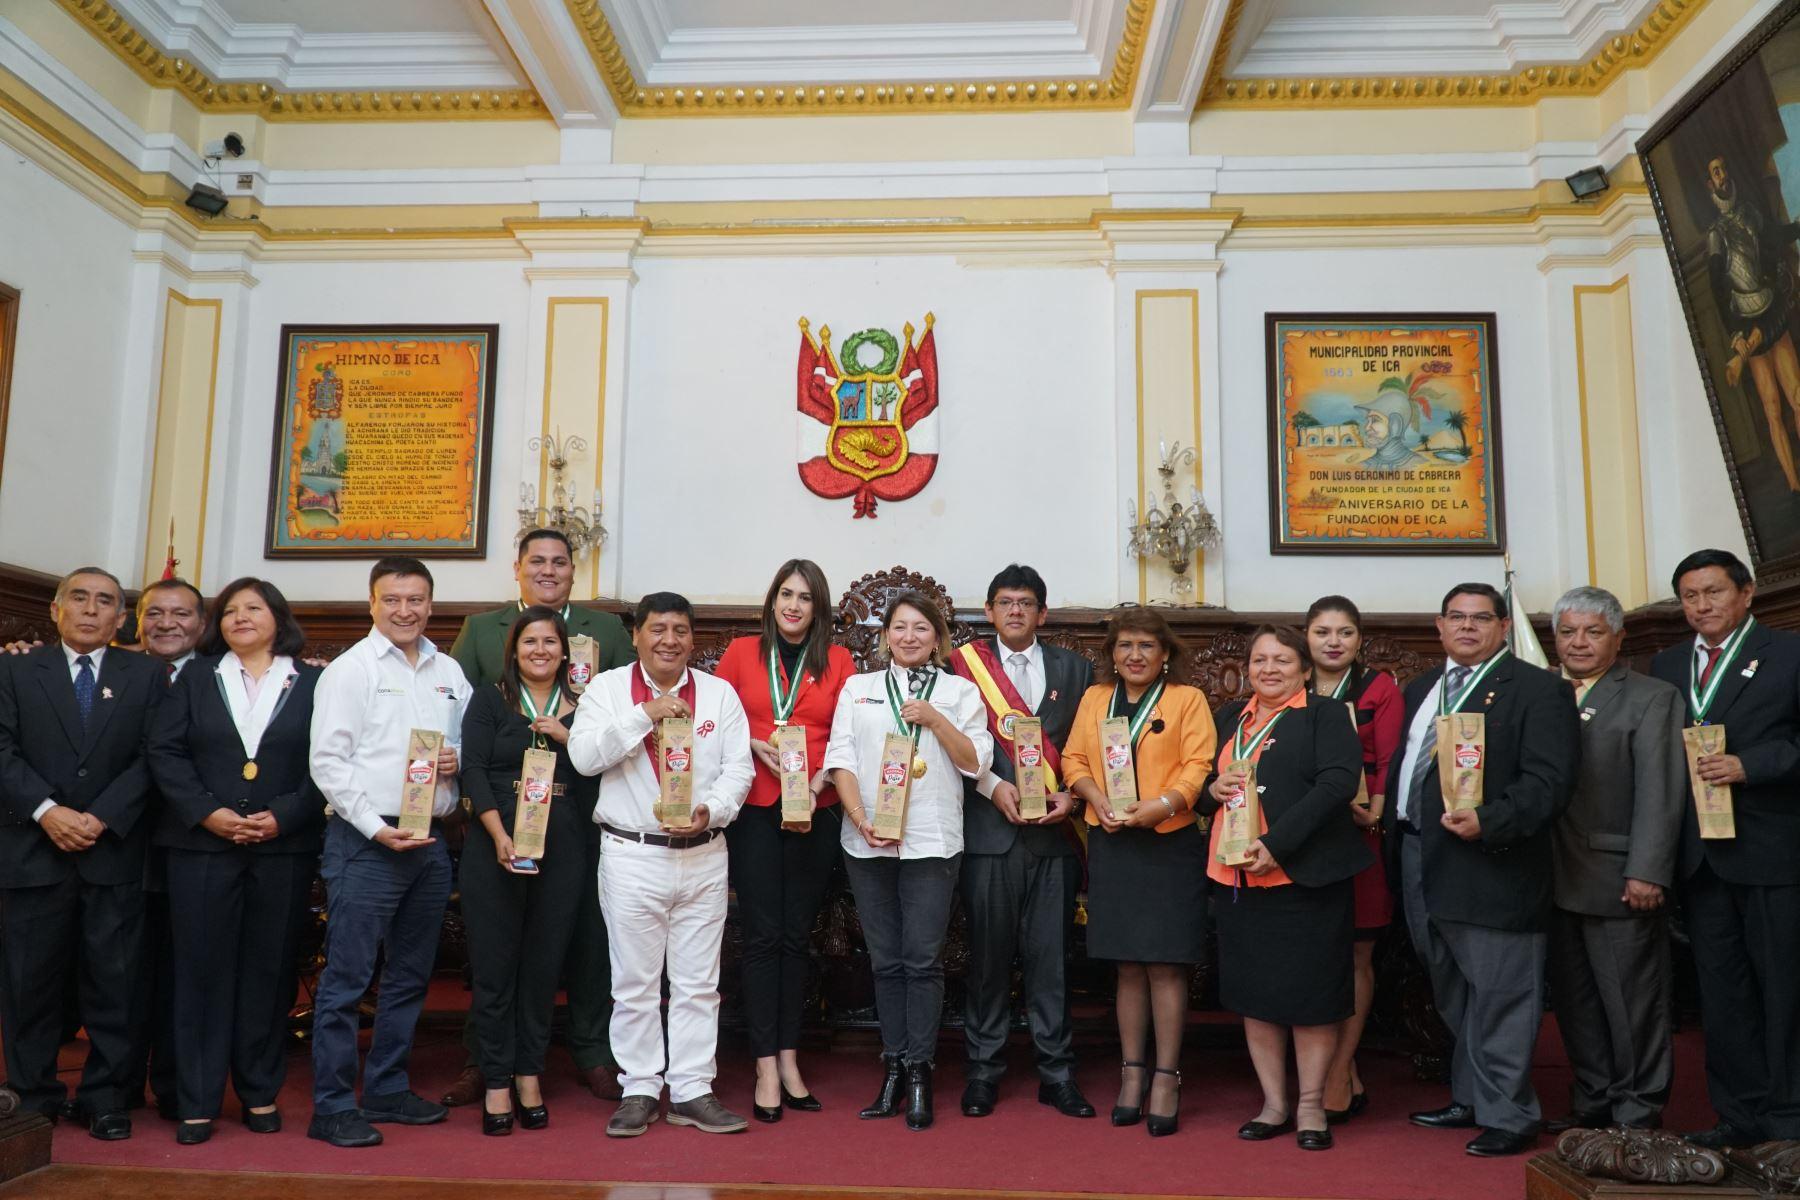 Ministra de la Producción, Rocío Barrios, junto a las autoridades iqueñas posan para los reporteros gráficos.Foto: ANDINA/Cortesía Genry Bautista